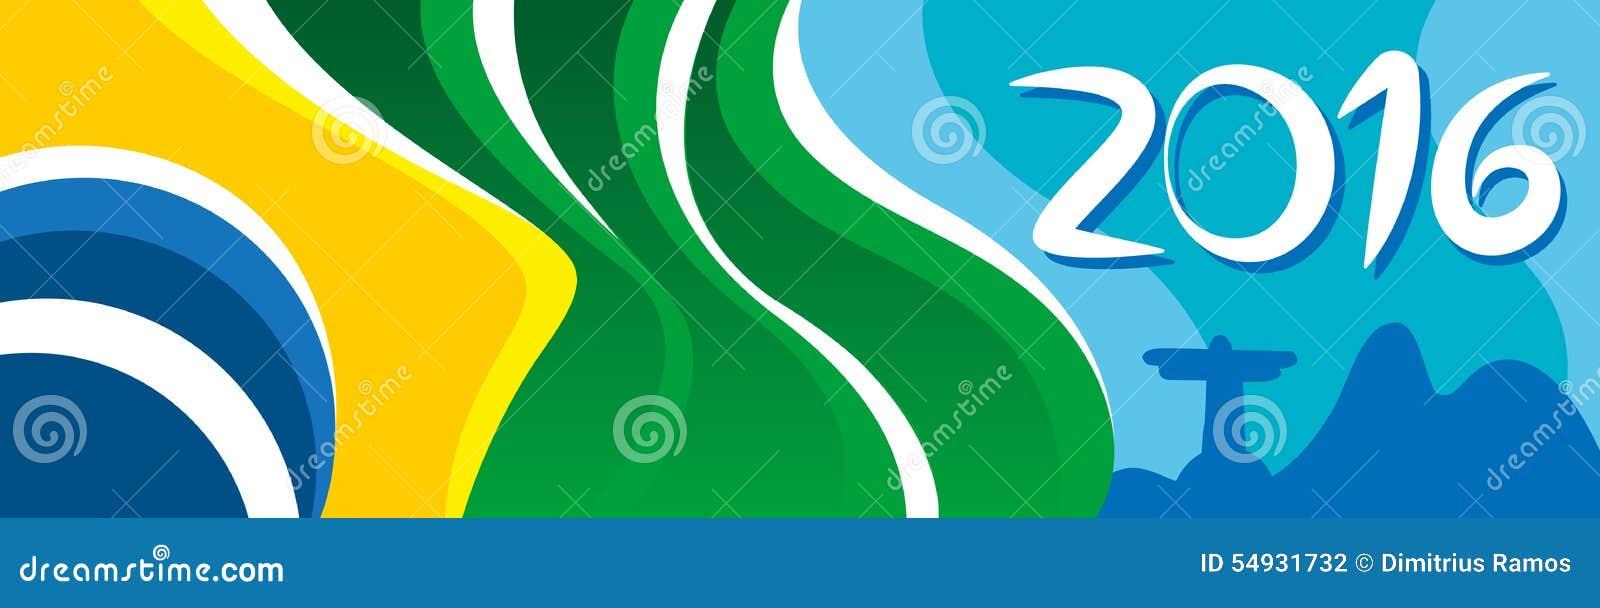 Buon anno con la bella bandiera del Brasile in città meravigliosa